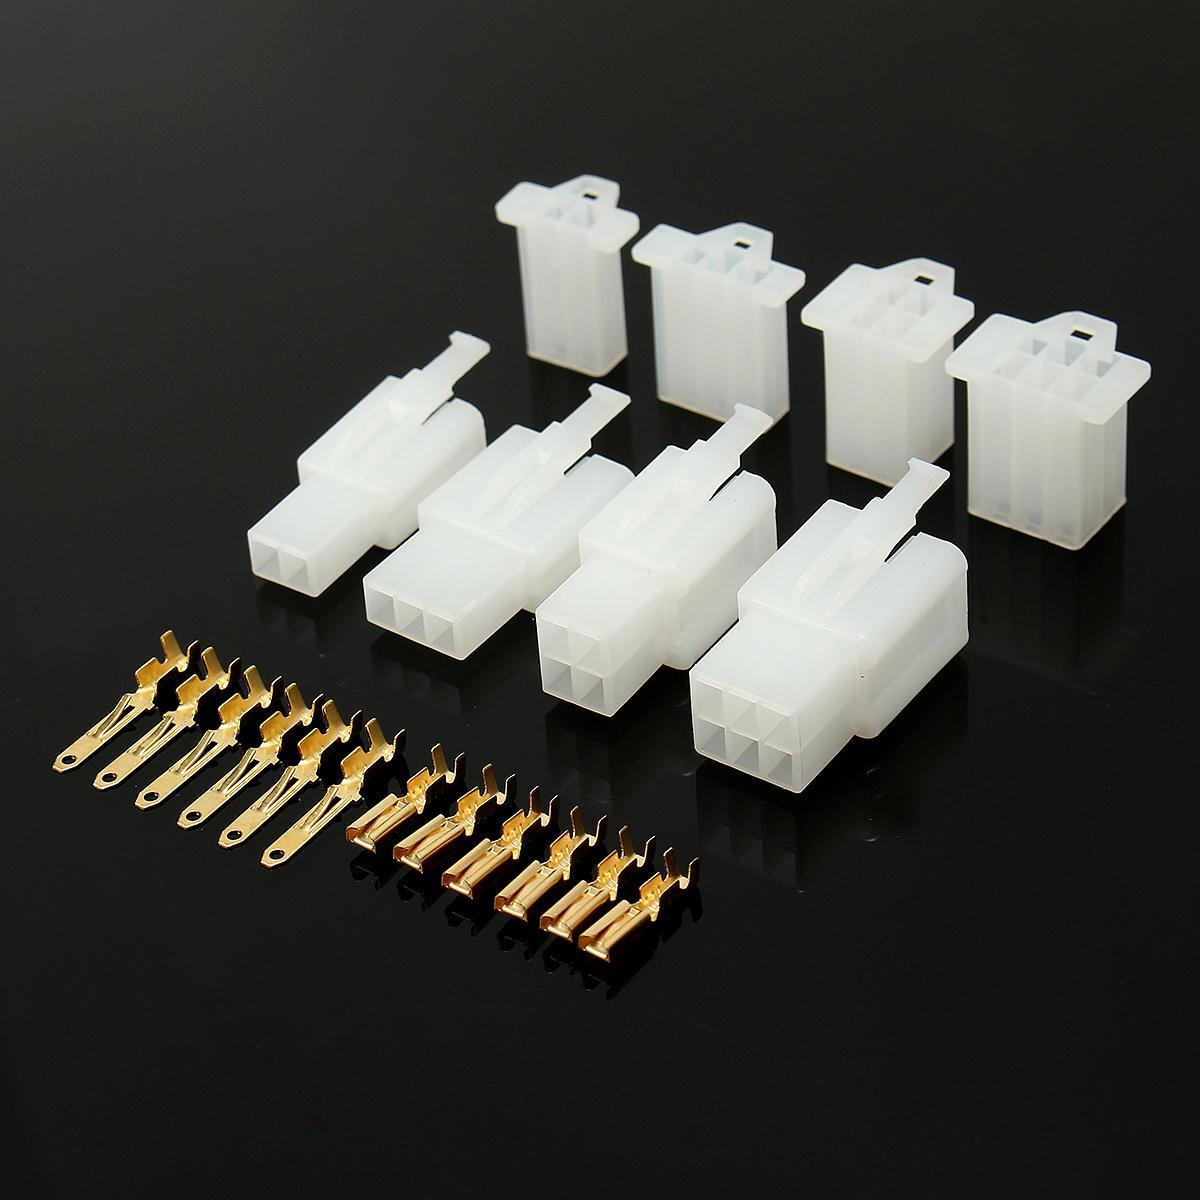 40 conjuntos Autos motocicleta del coche eléctricos 2,8 mm 2 Conectores terminal del conector 3 4 6 clavo de alambre